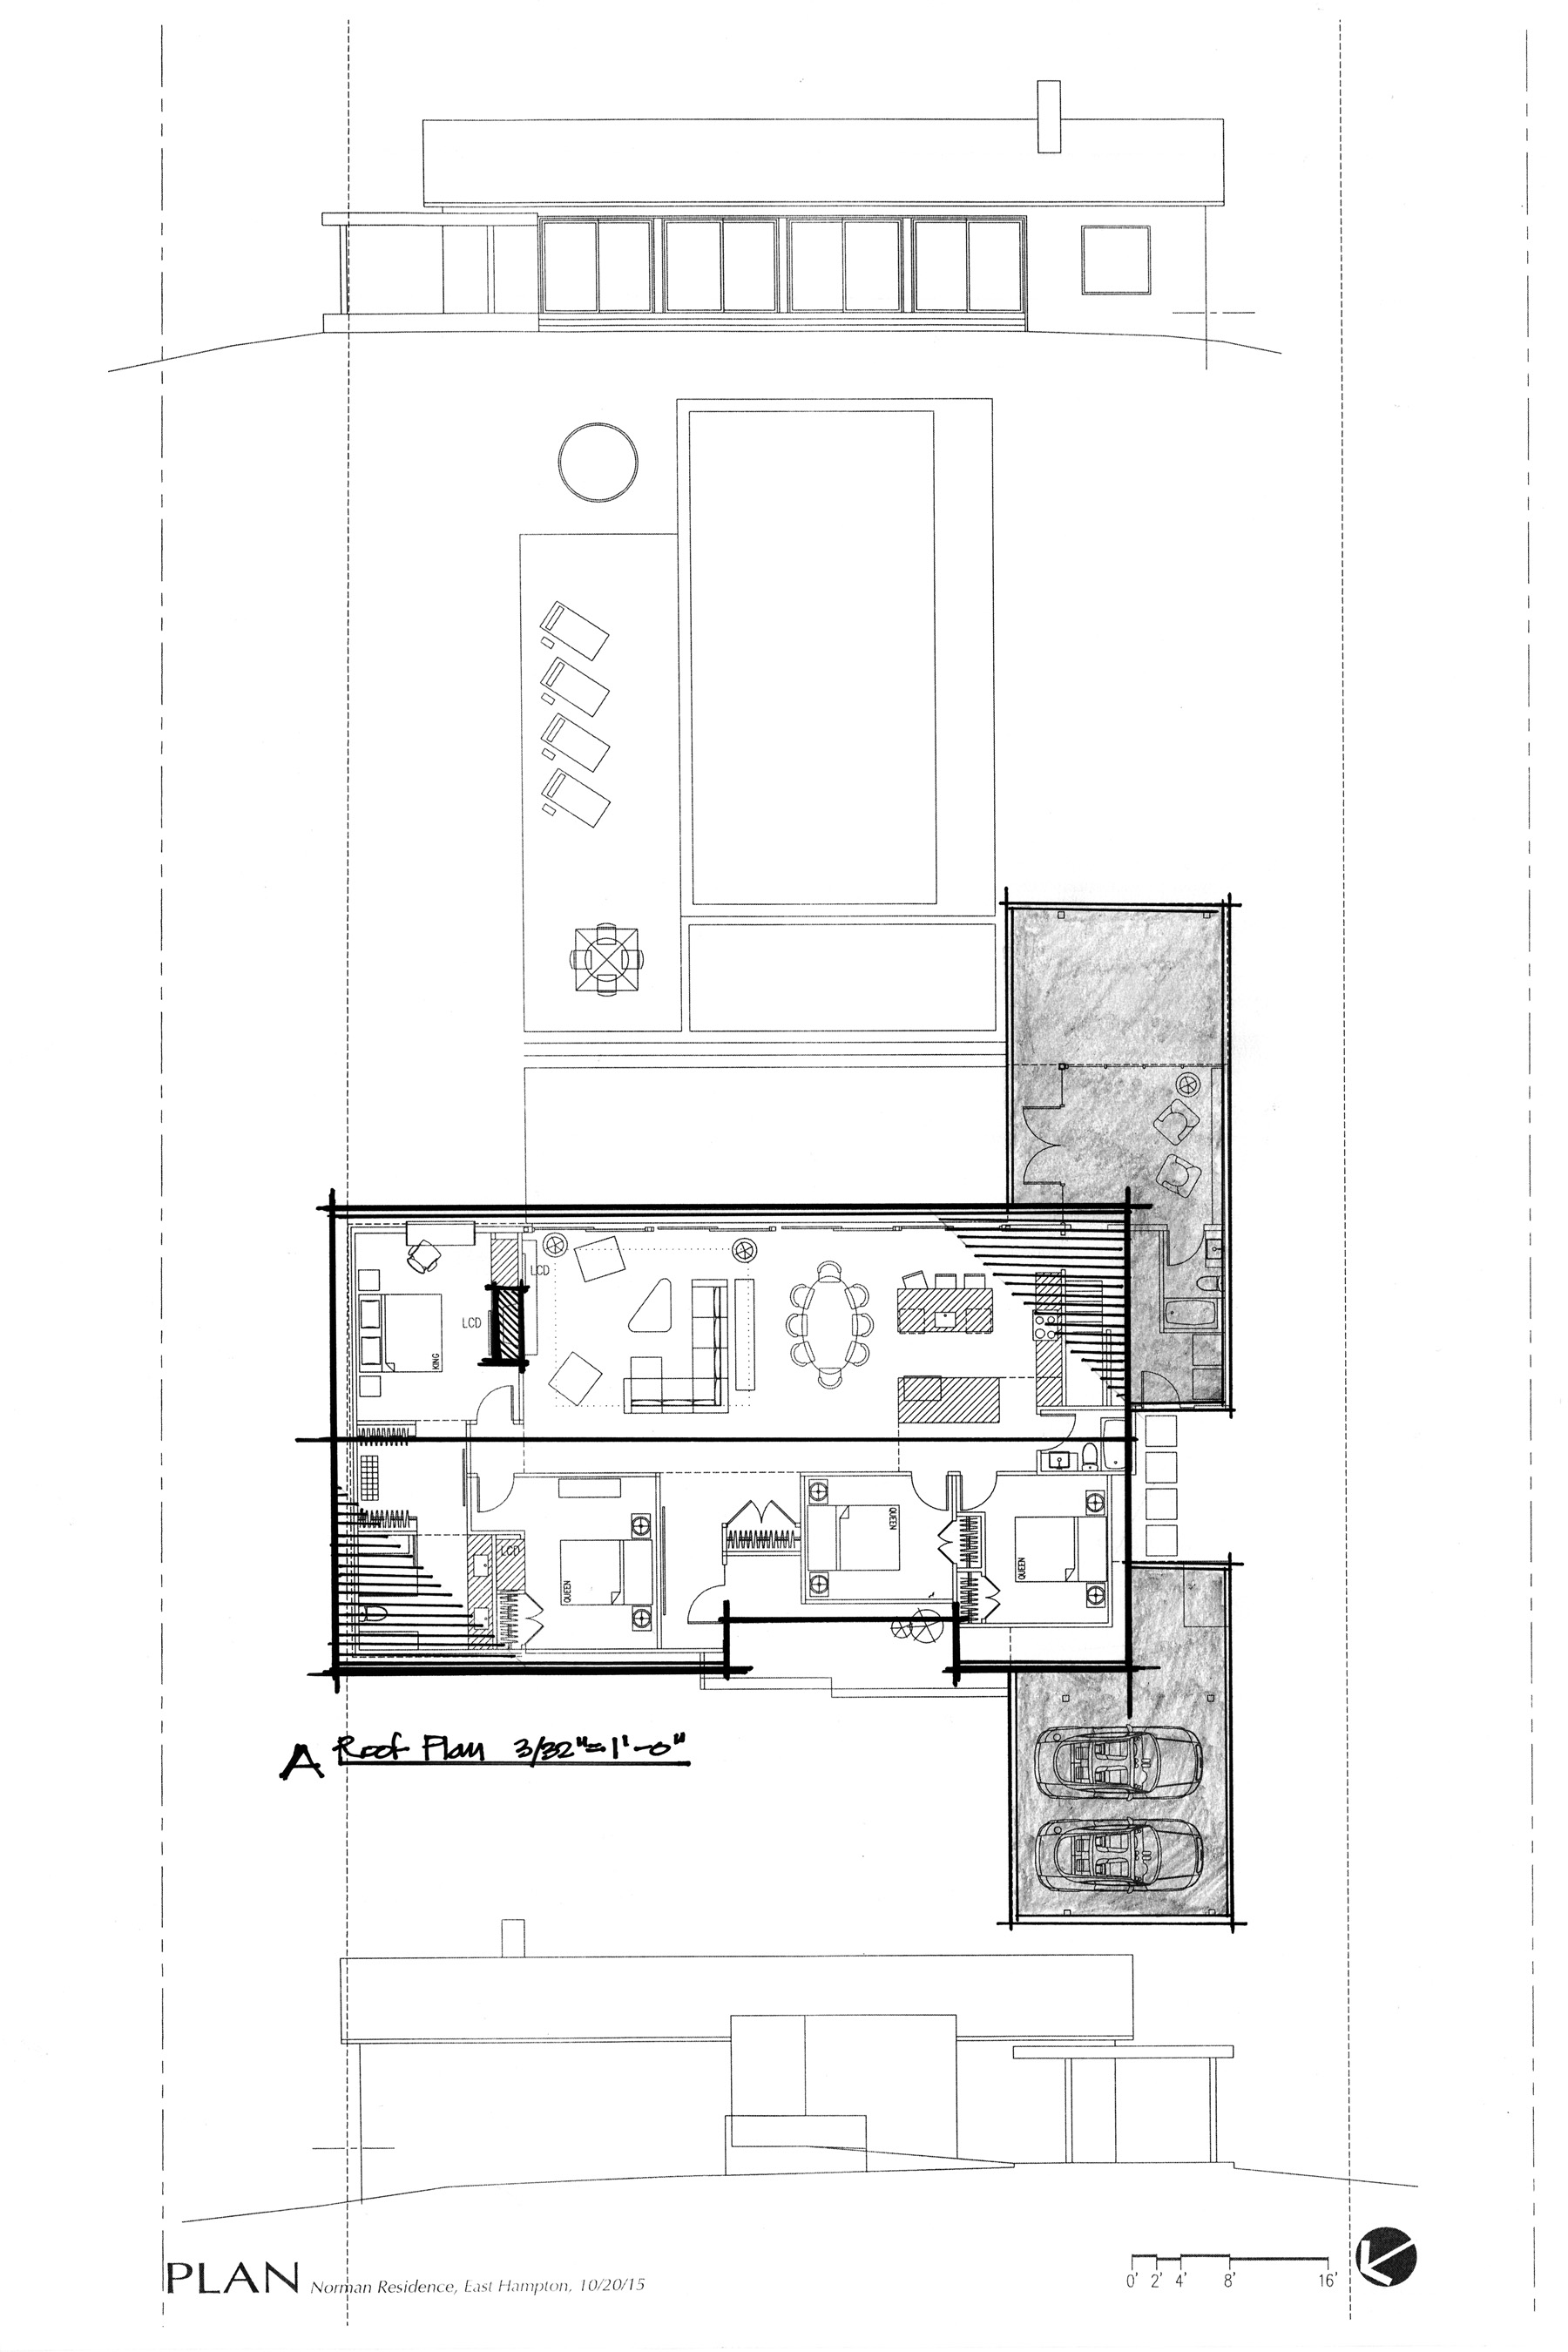 A_Roof Plan.jpg